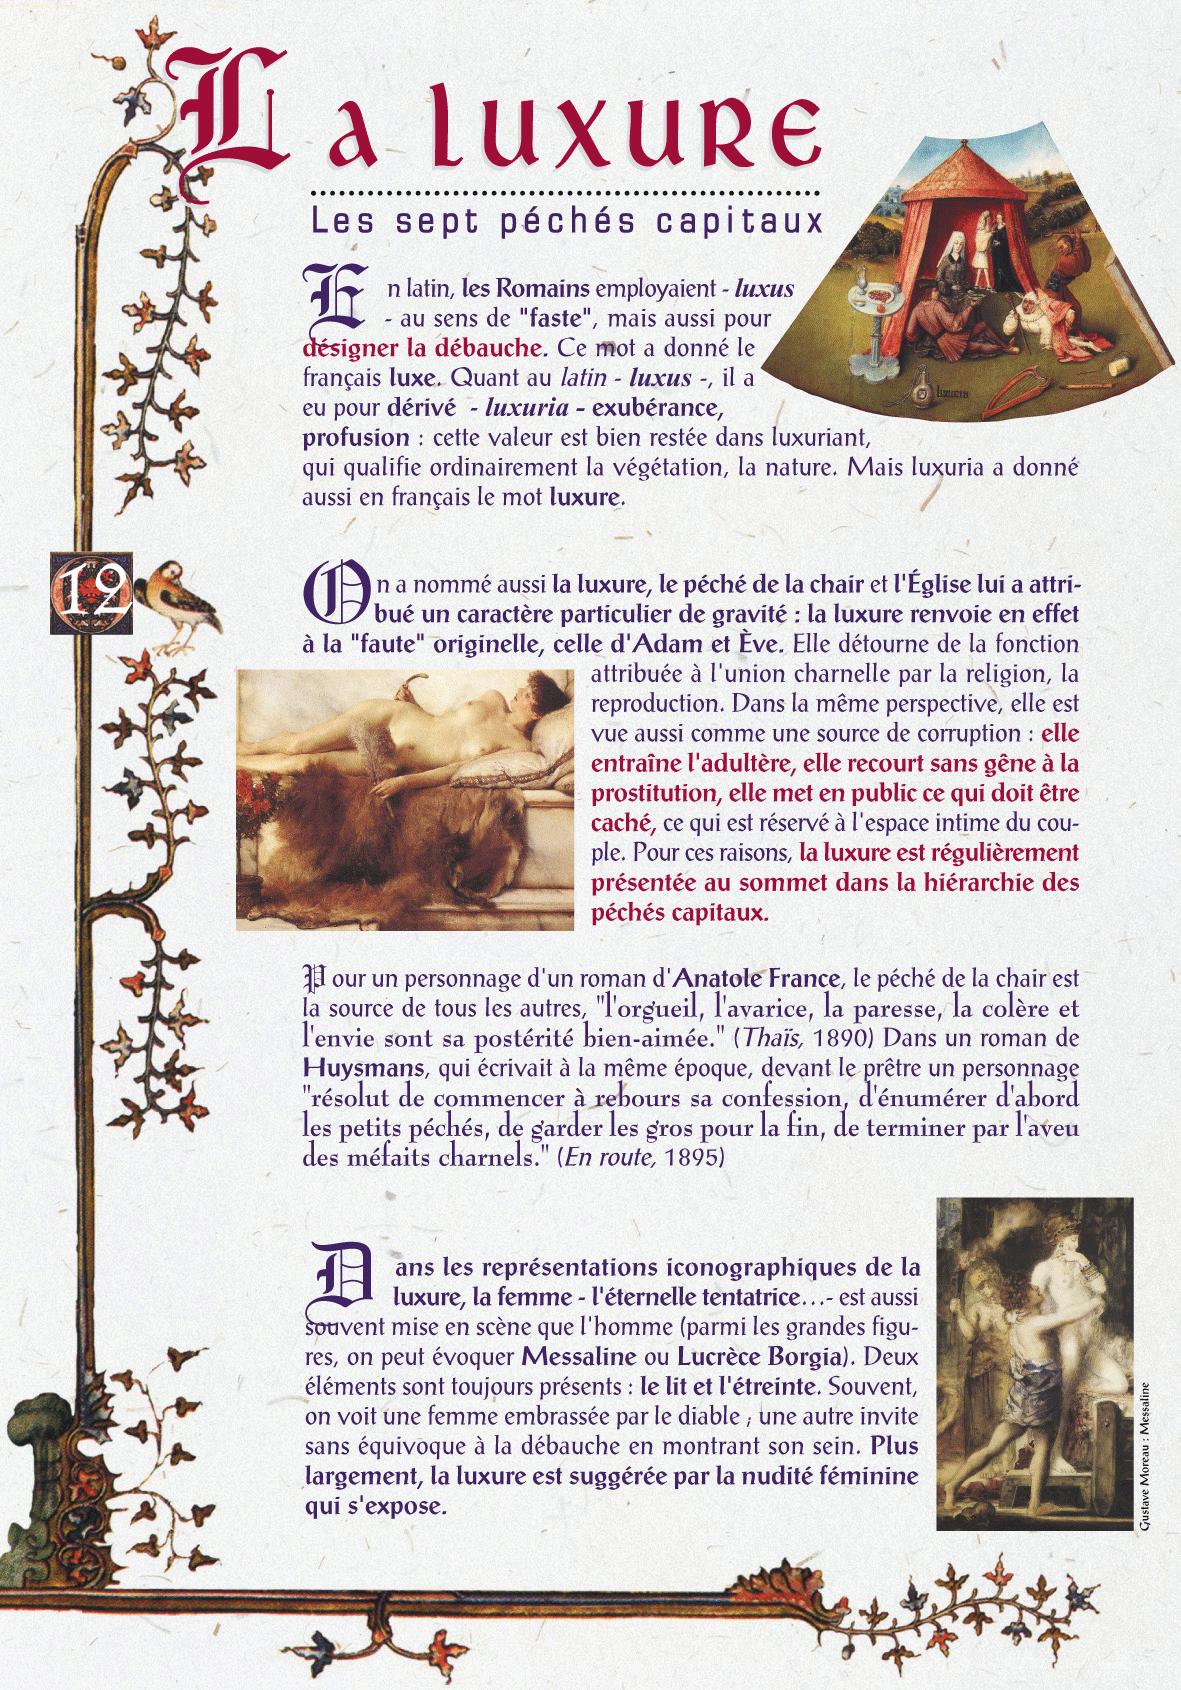 Les 7 péchés capitaux - Sepia & Bodoni